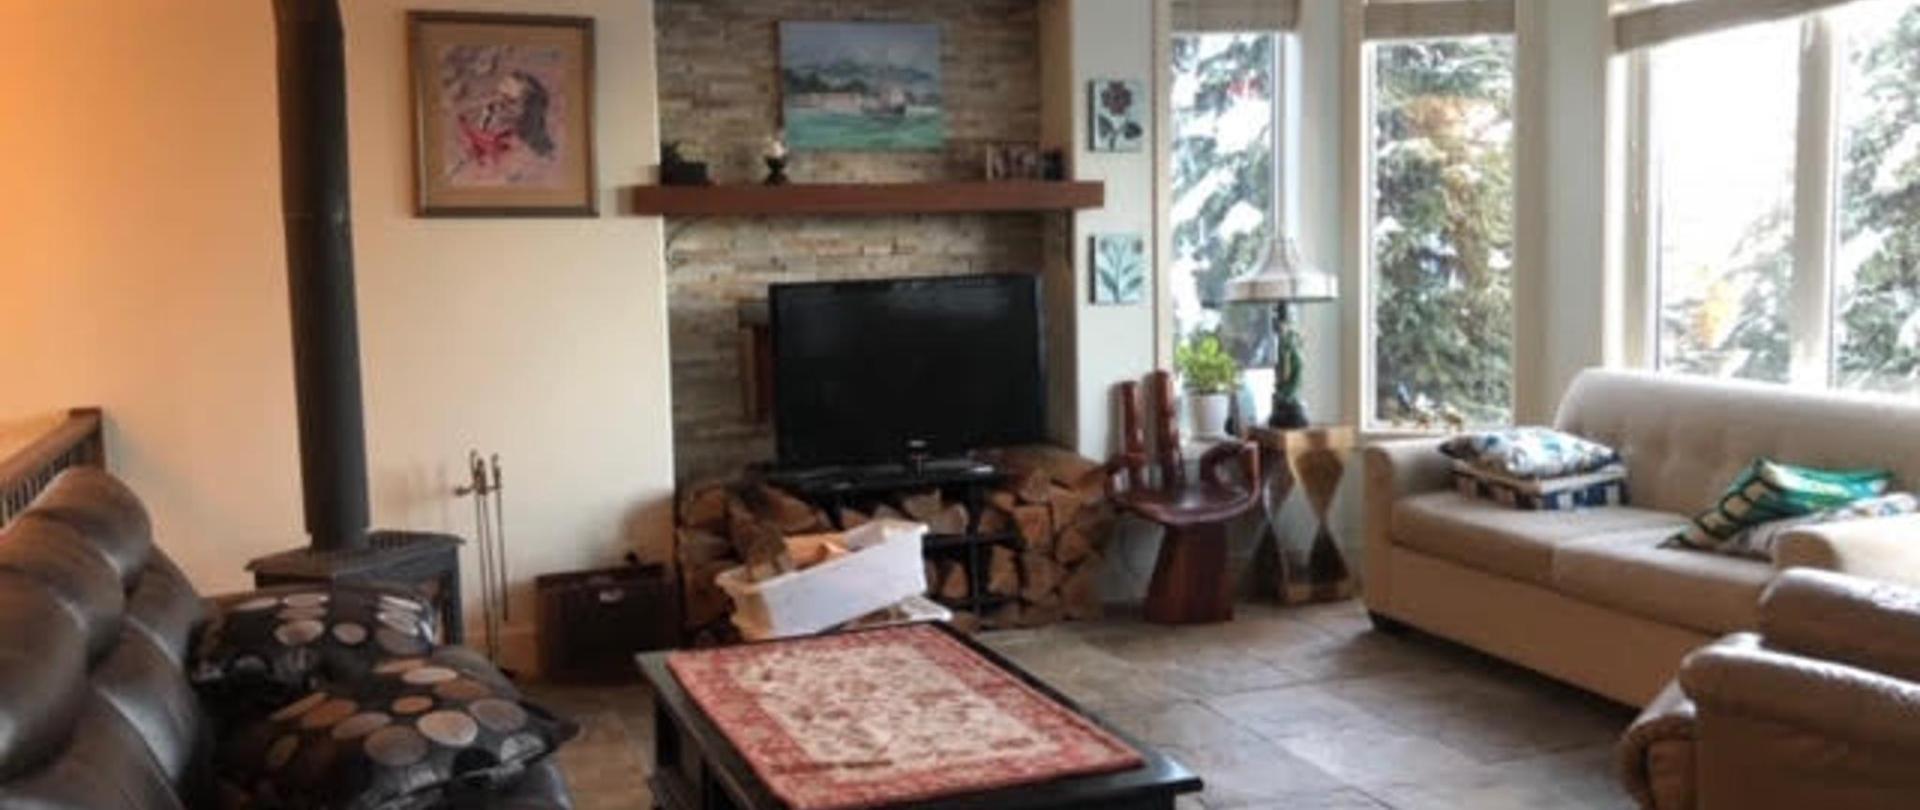 C - Living Room.jpg